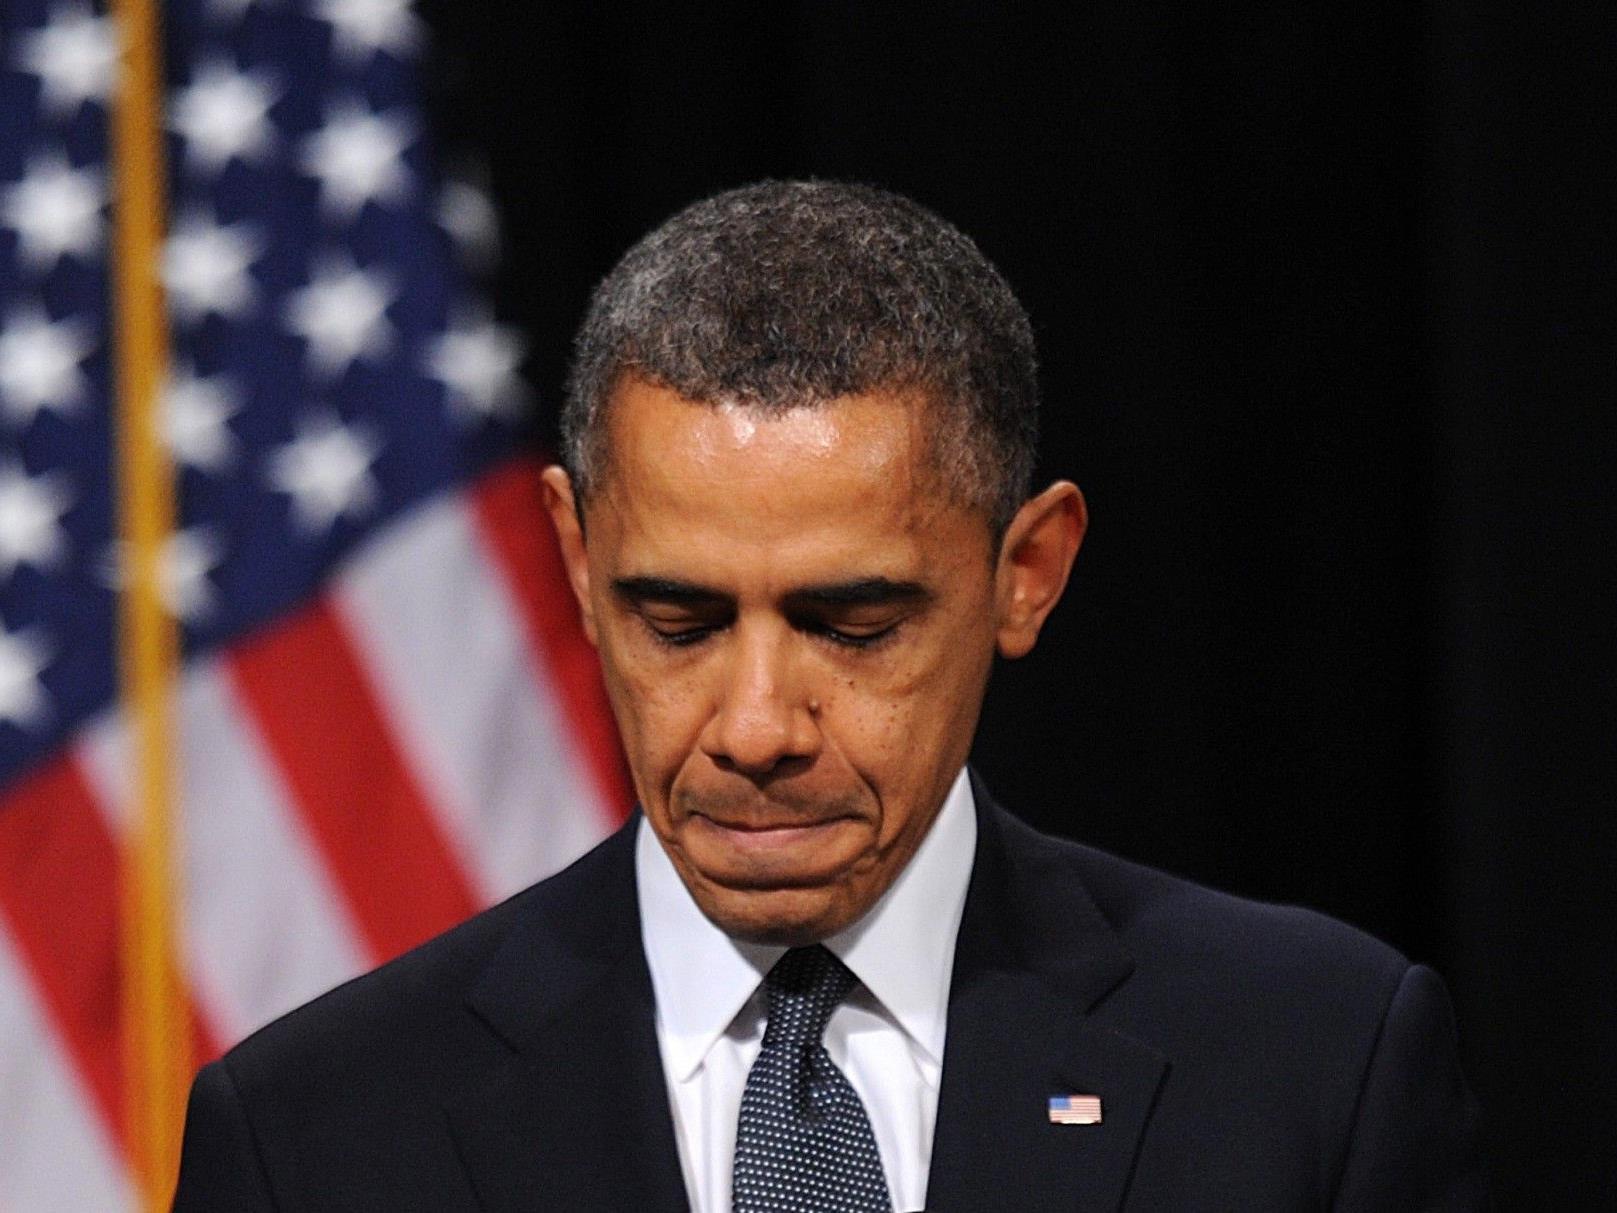 Präsident Obama sprach nach Massaker an US-Schule vor trauernden Angehörigen und Gemeindemitgliedern.